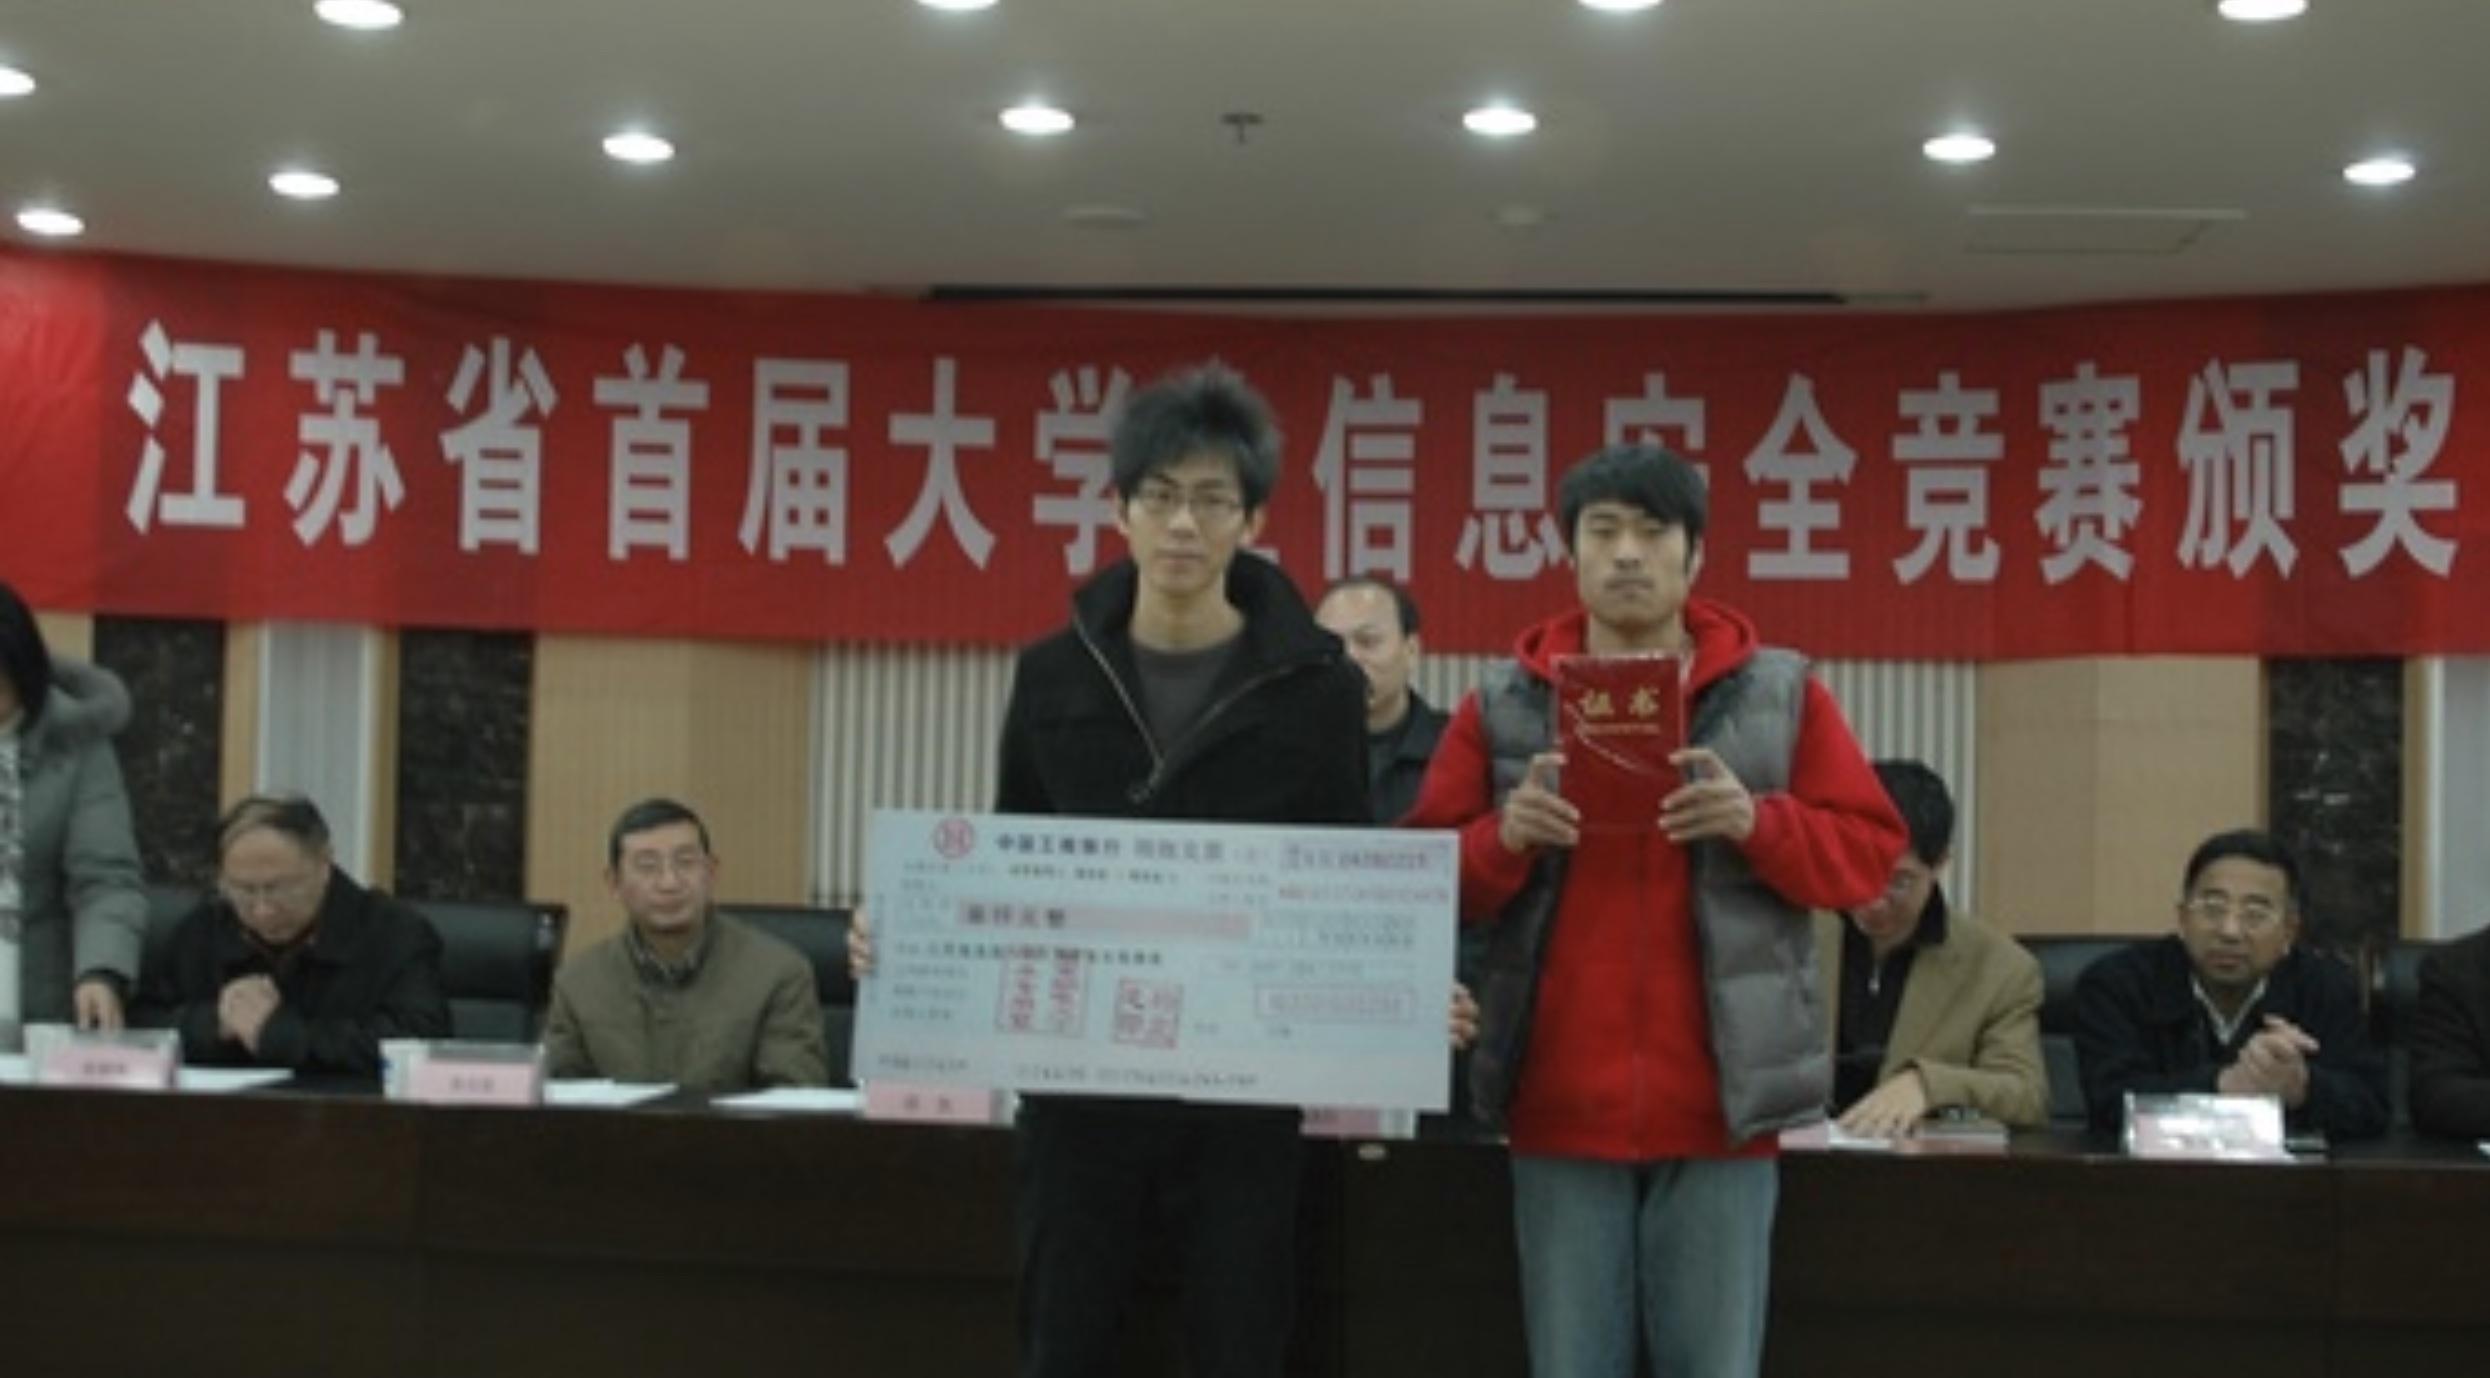 我校承办江苏省首届大学生信息安全竞赛